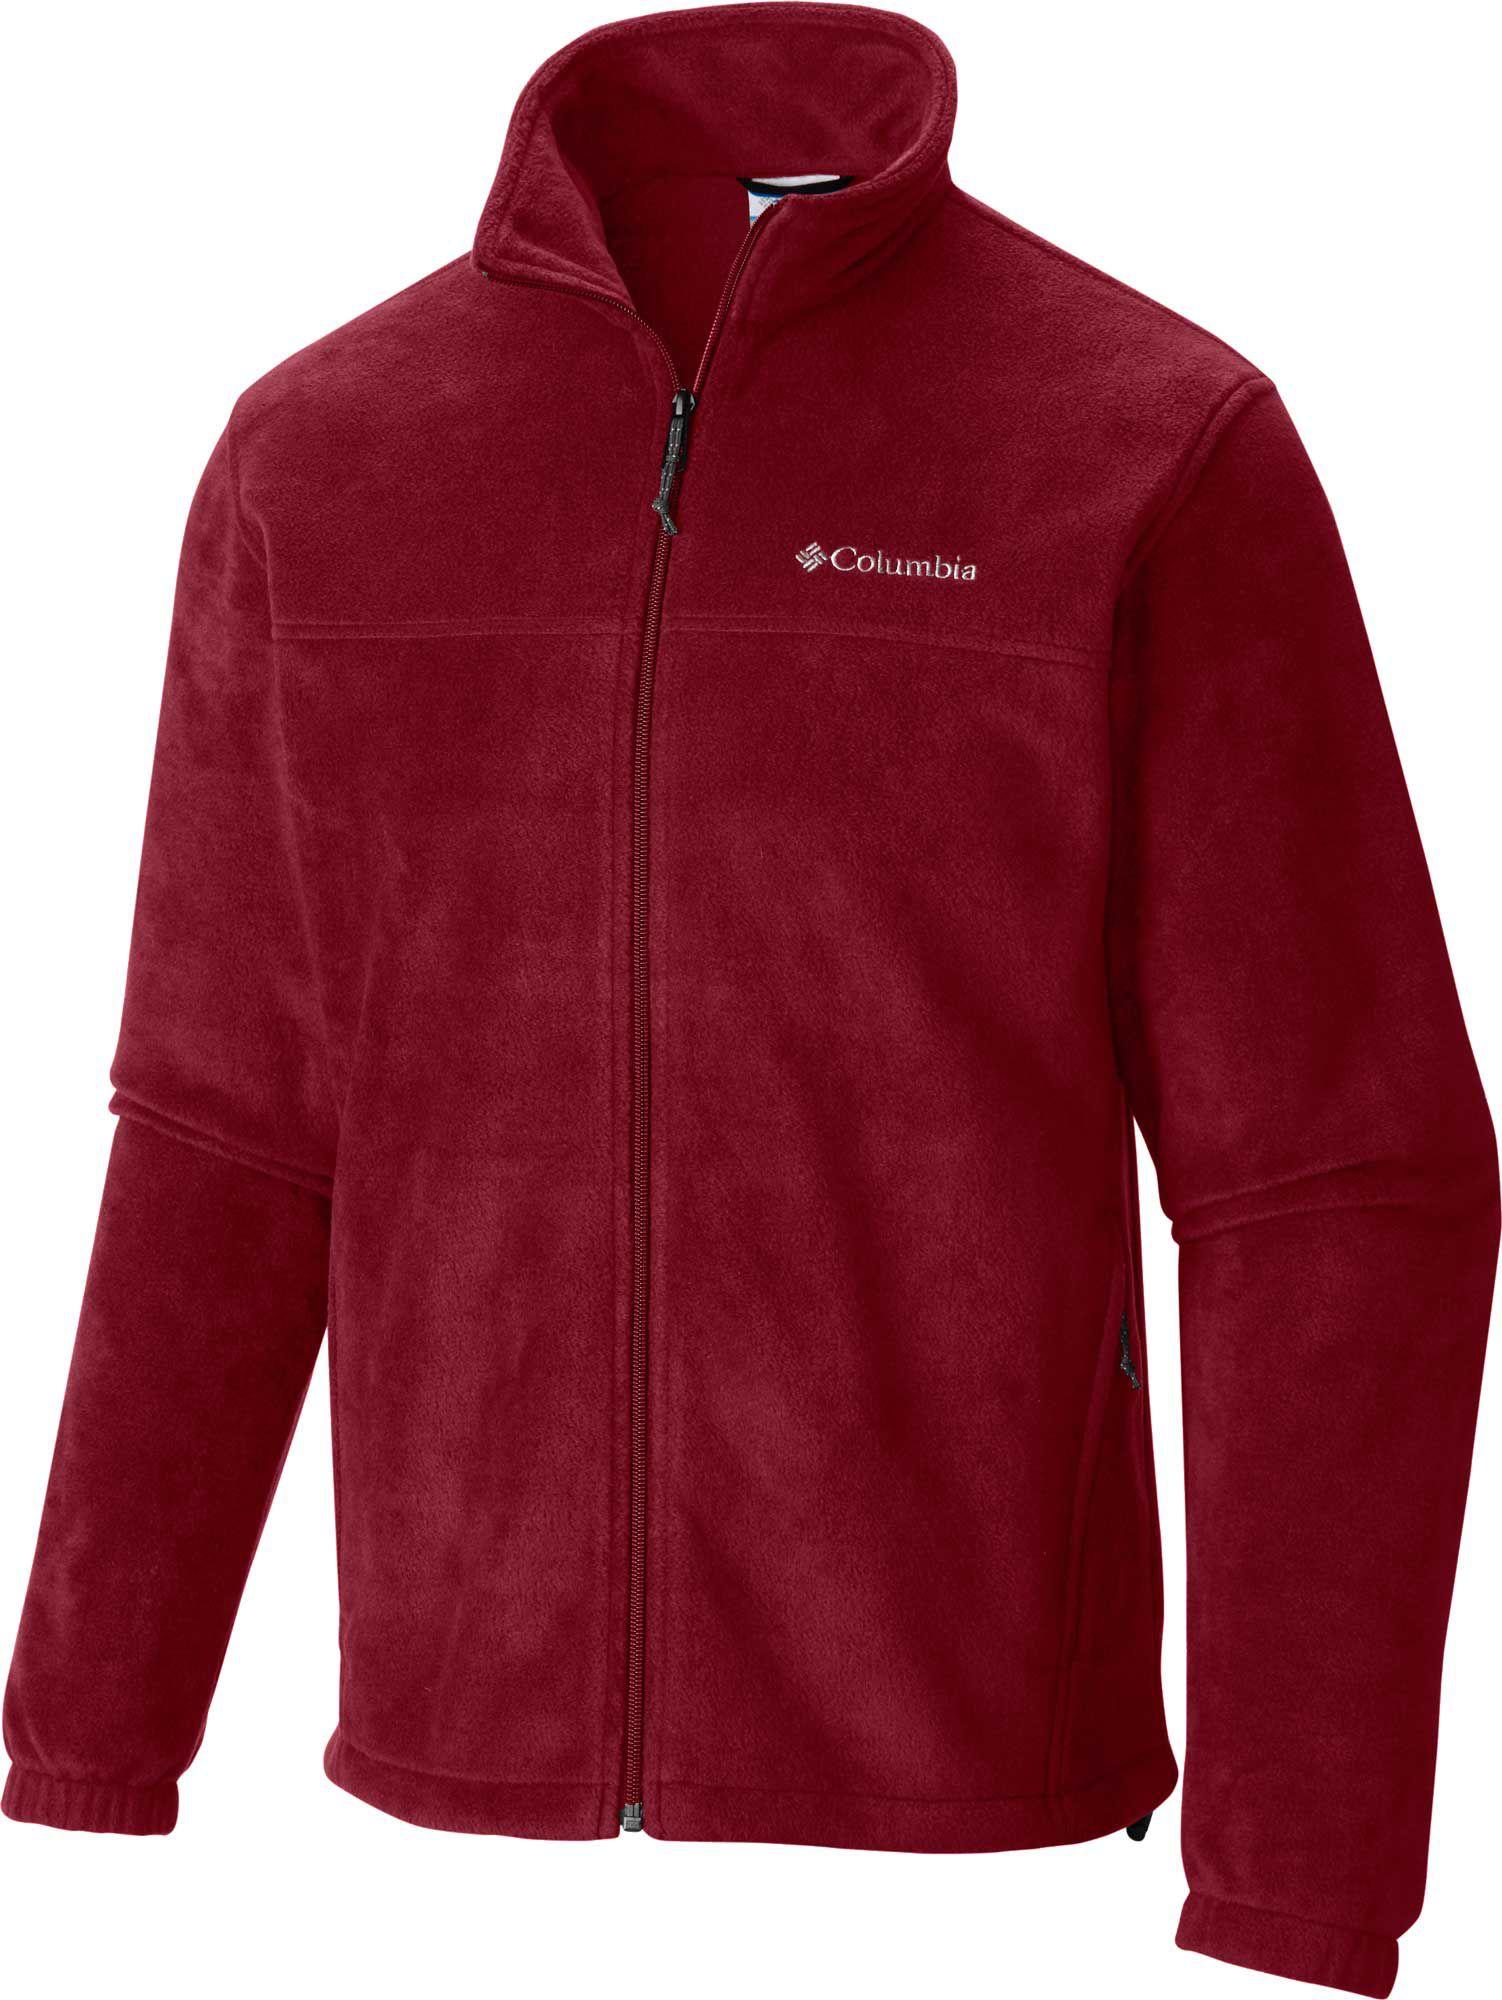 Columbia Men's Steens Mountain Full Zip Fleece Jacket | DICK'S ...